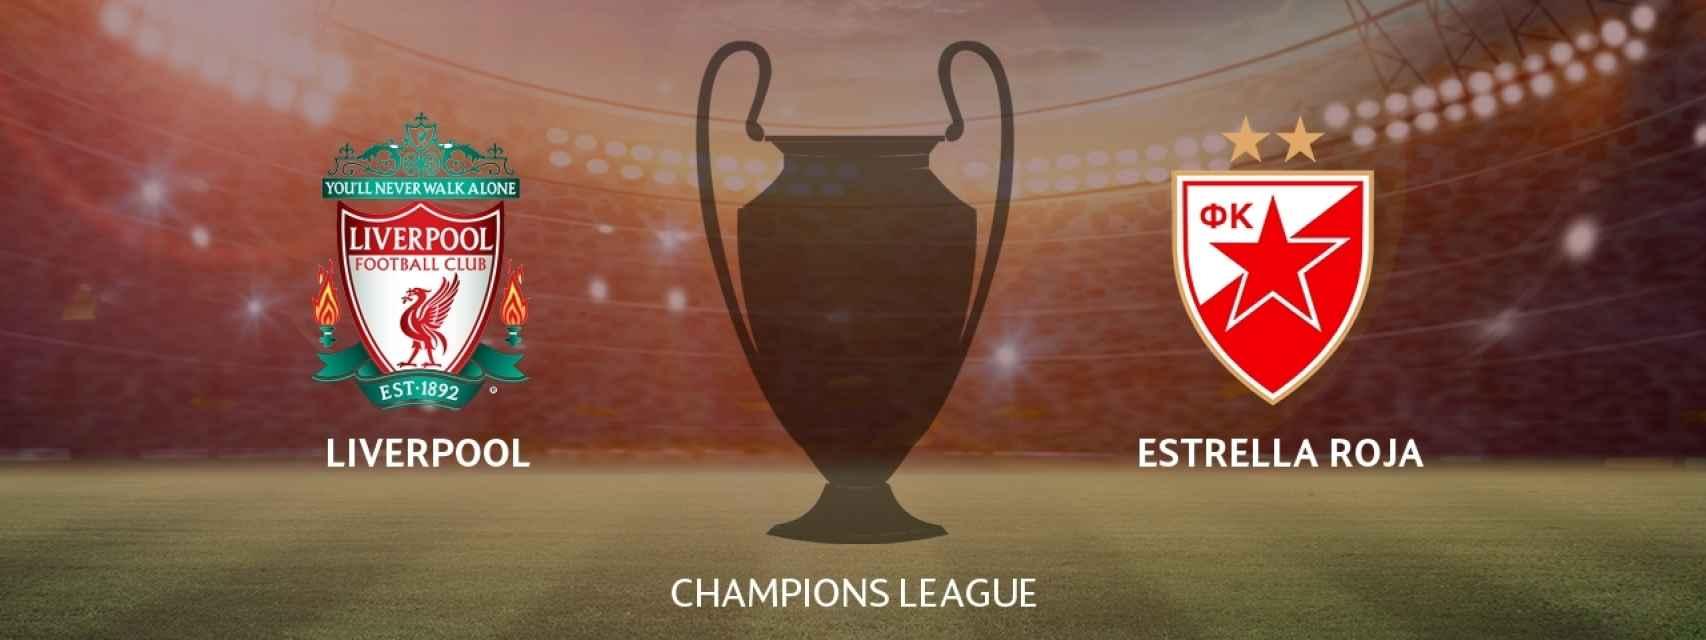 Liverpool - Estrella Roja